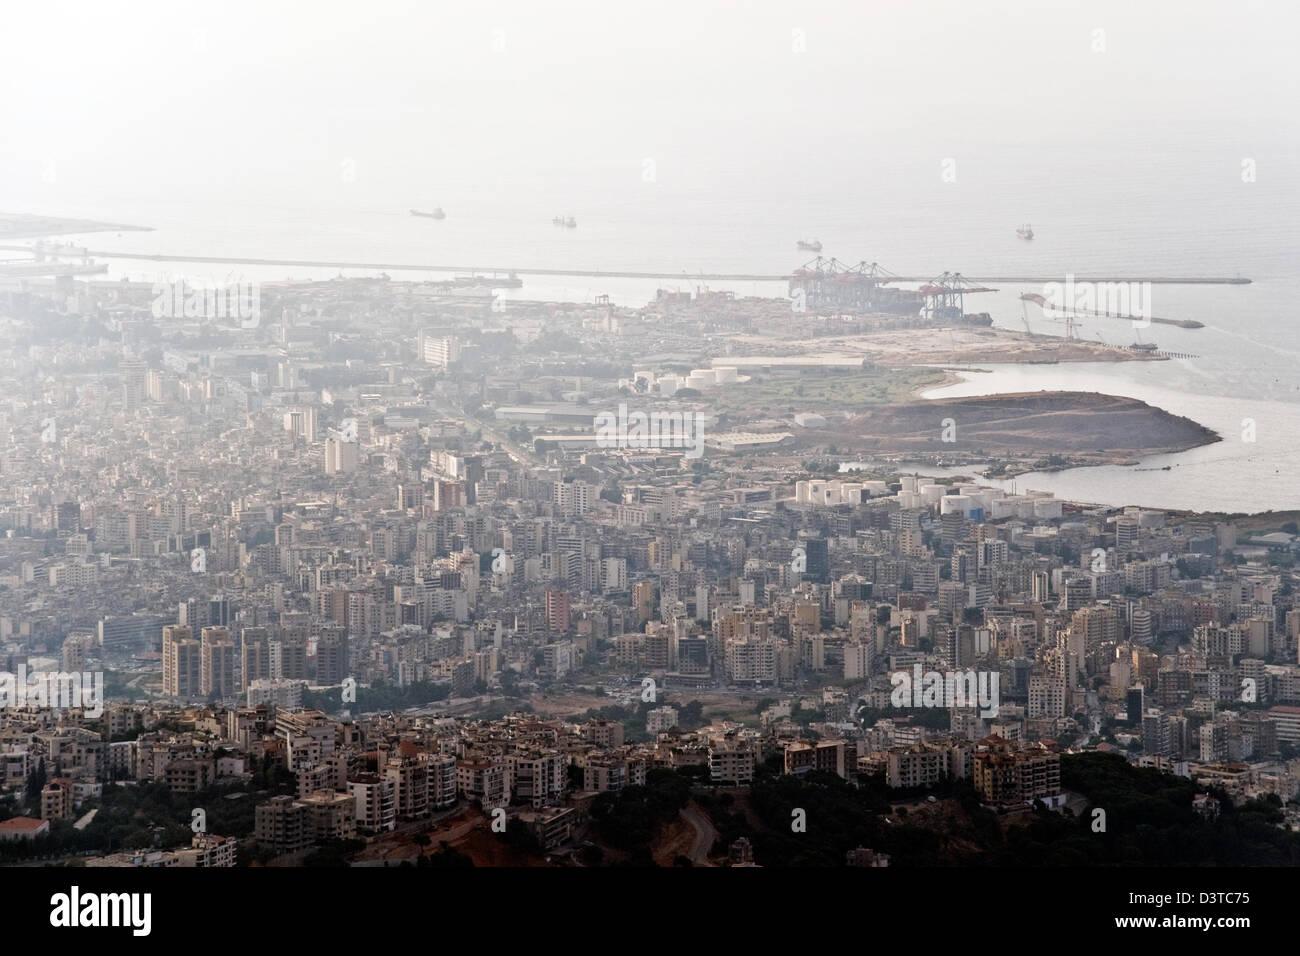 Una vista aérea de los buques que entren en un saliendo del puerto libanés de Beirut, en el Líbano. Imagen De Stock